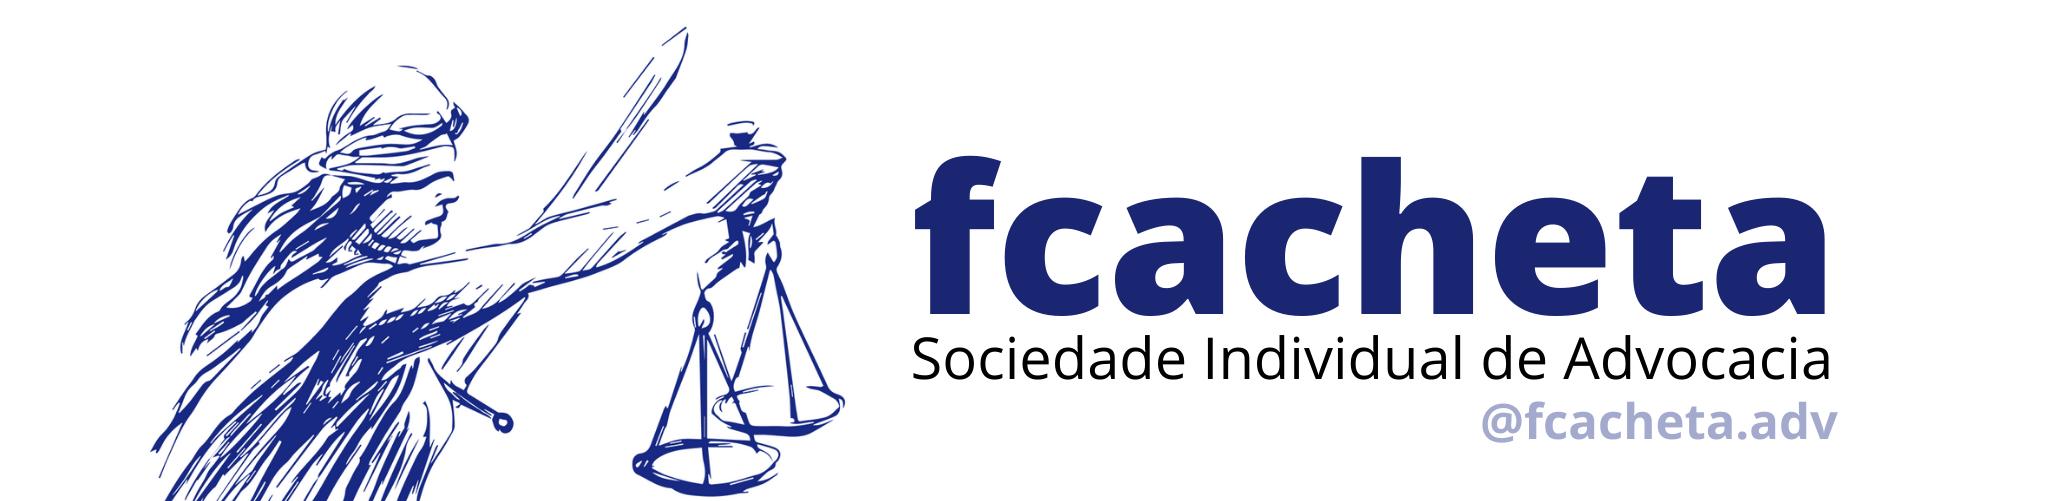 fcacheta | Advocacia